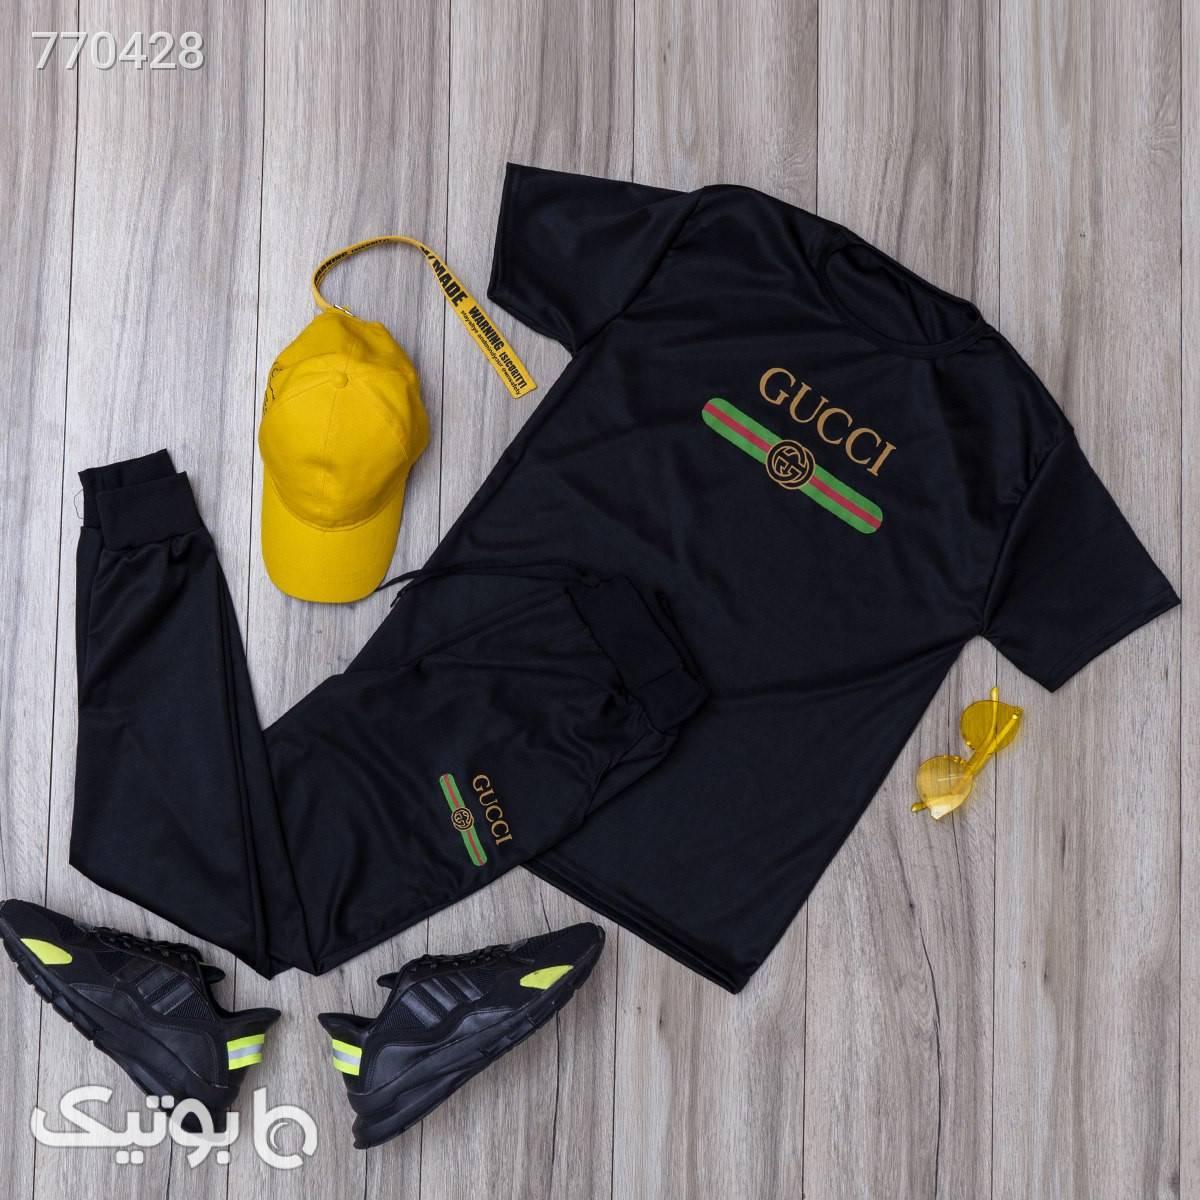 ست تيشرت شلوارGUCCI مردانه مدل Ekan مشکی تی شرت و پولو شرت مردانه